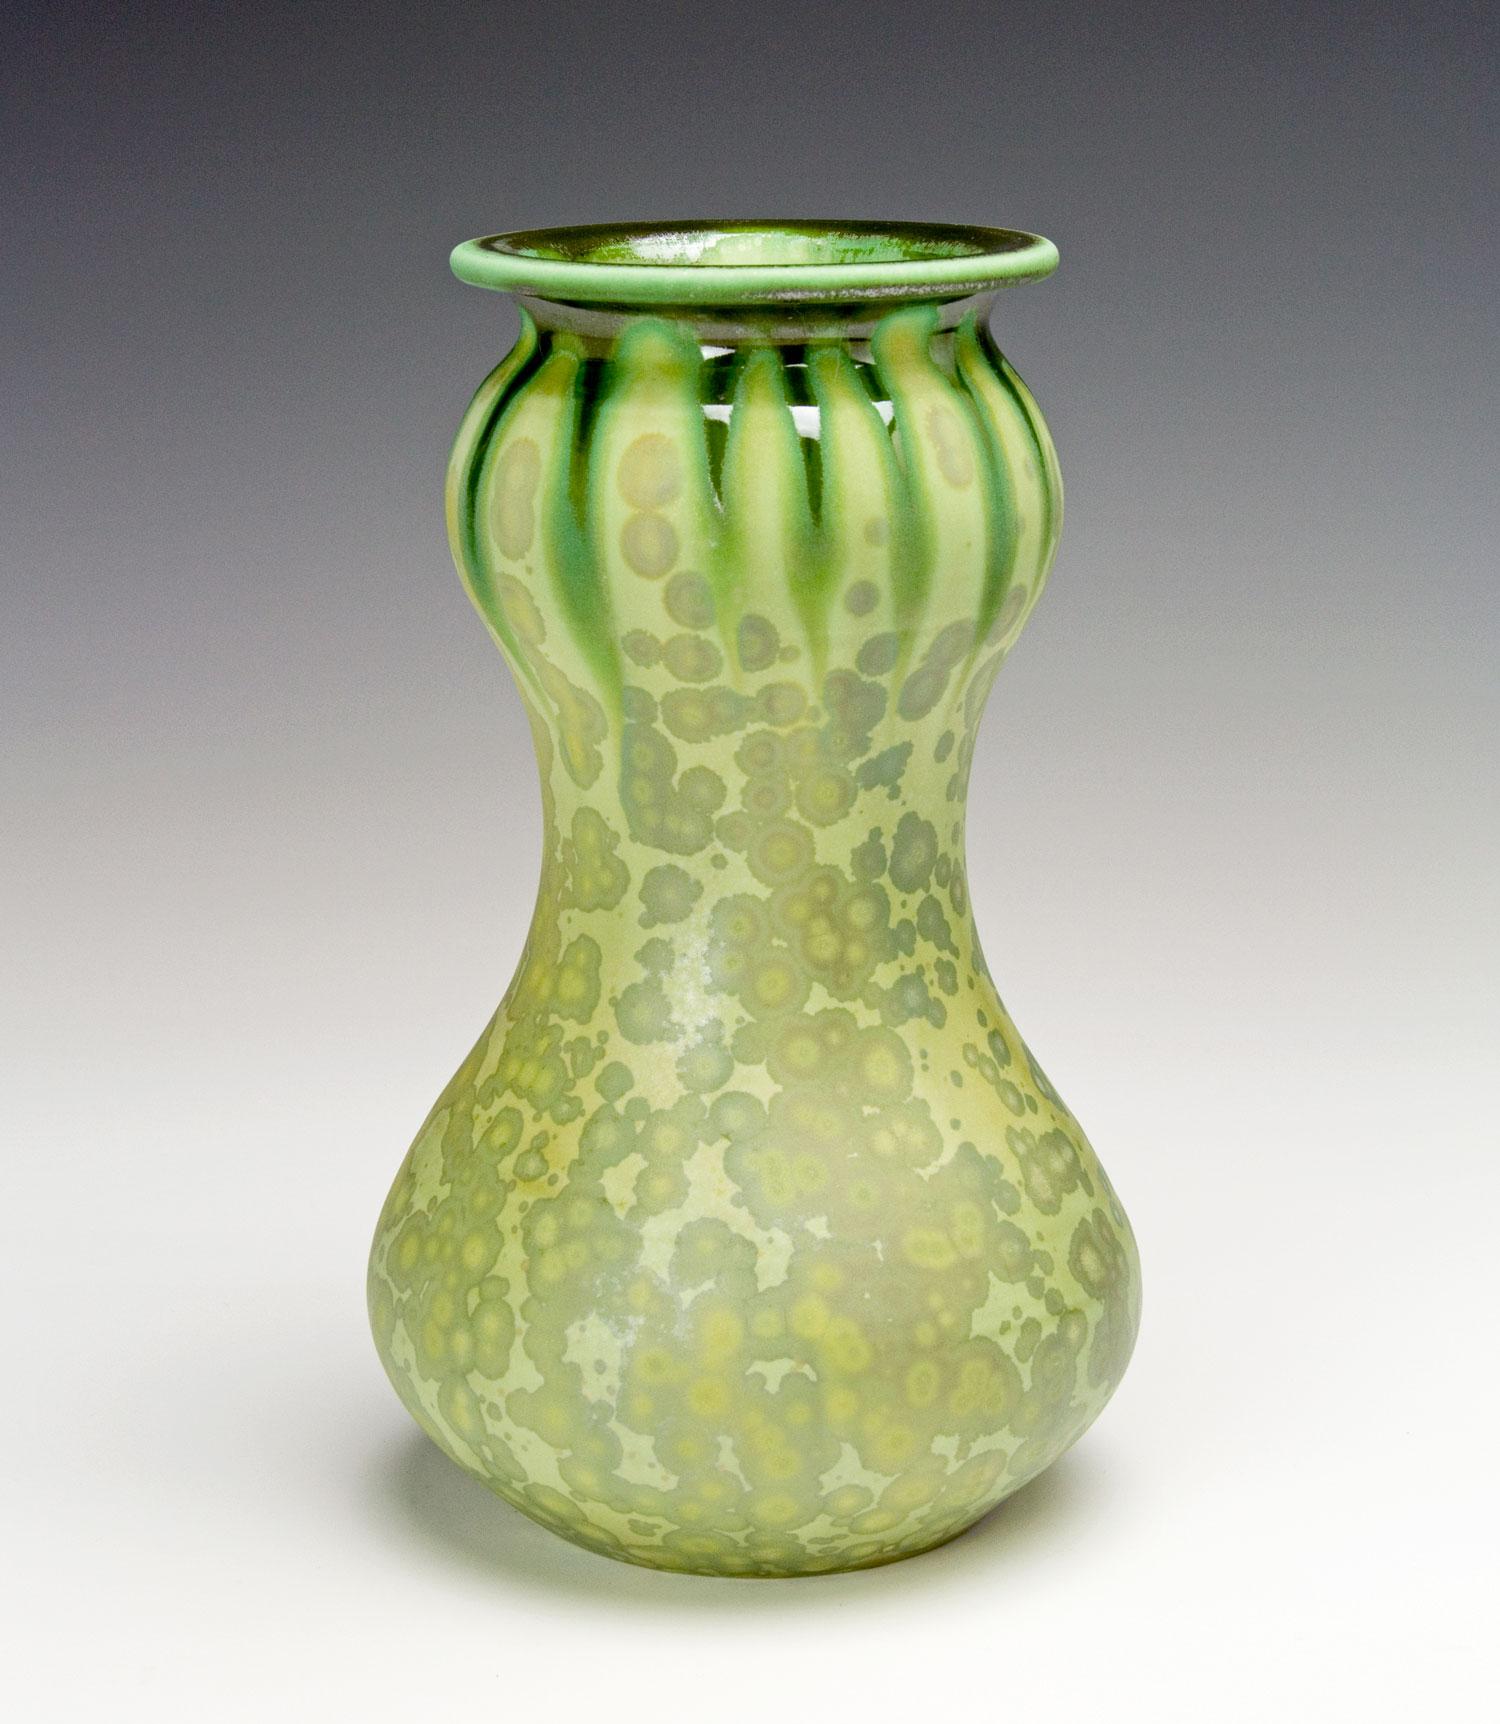 Crystalline-Matte-Art-Vase-Bruce-Gholson.jpg